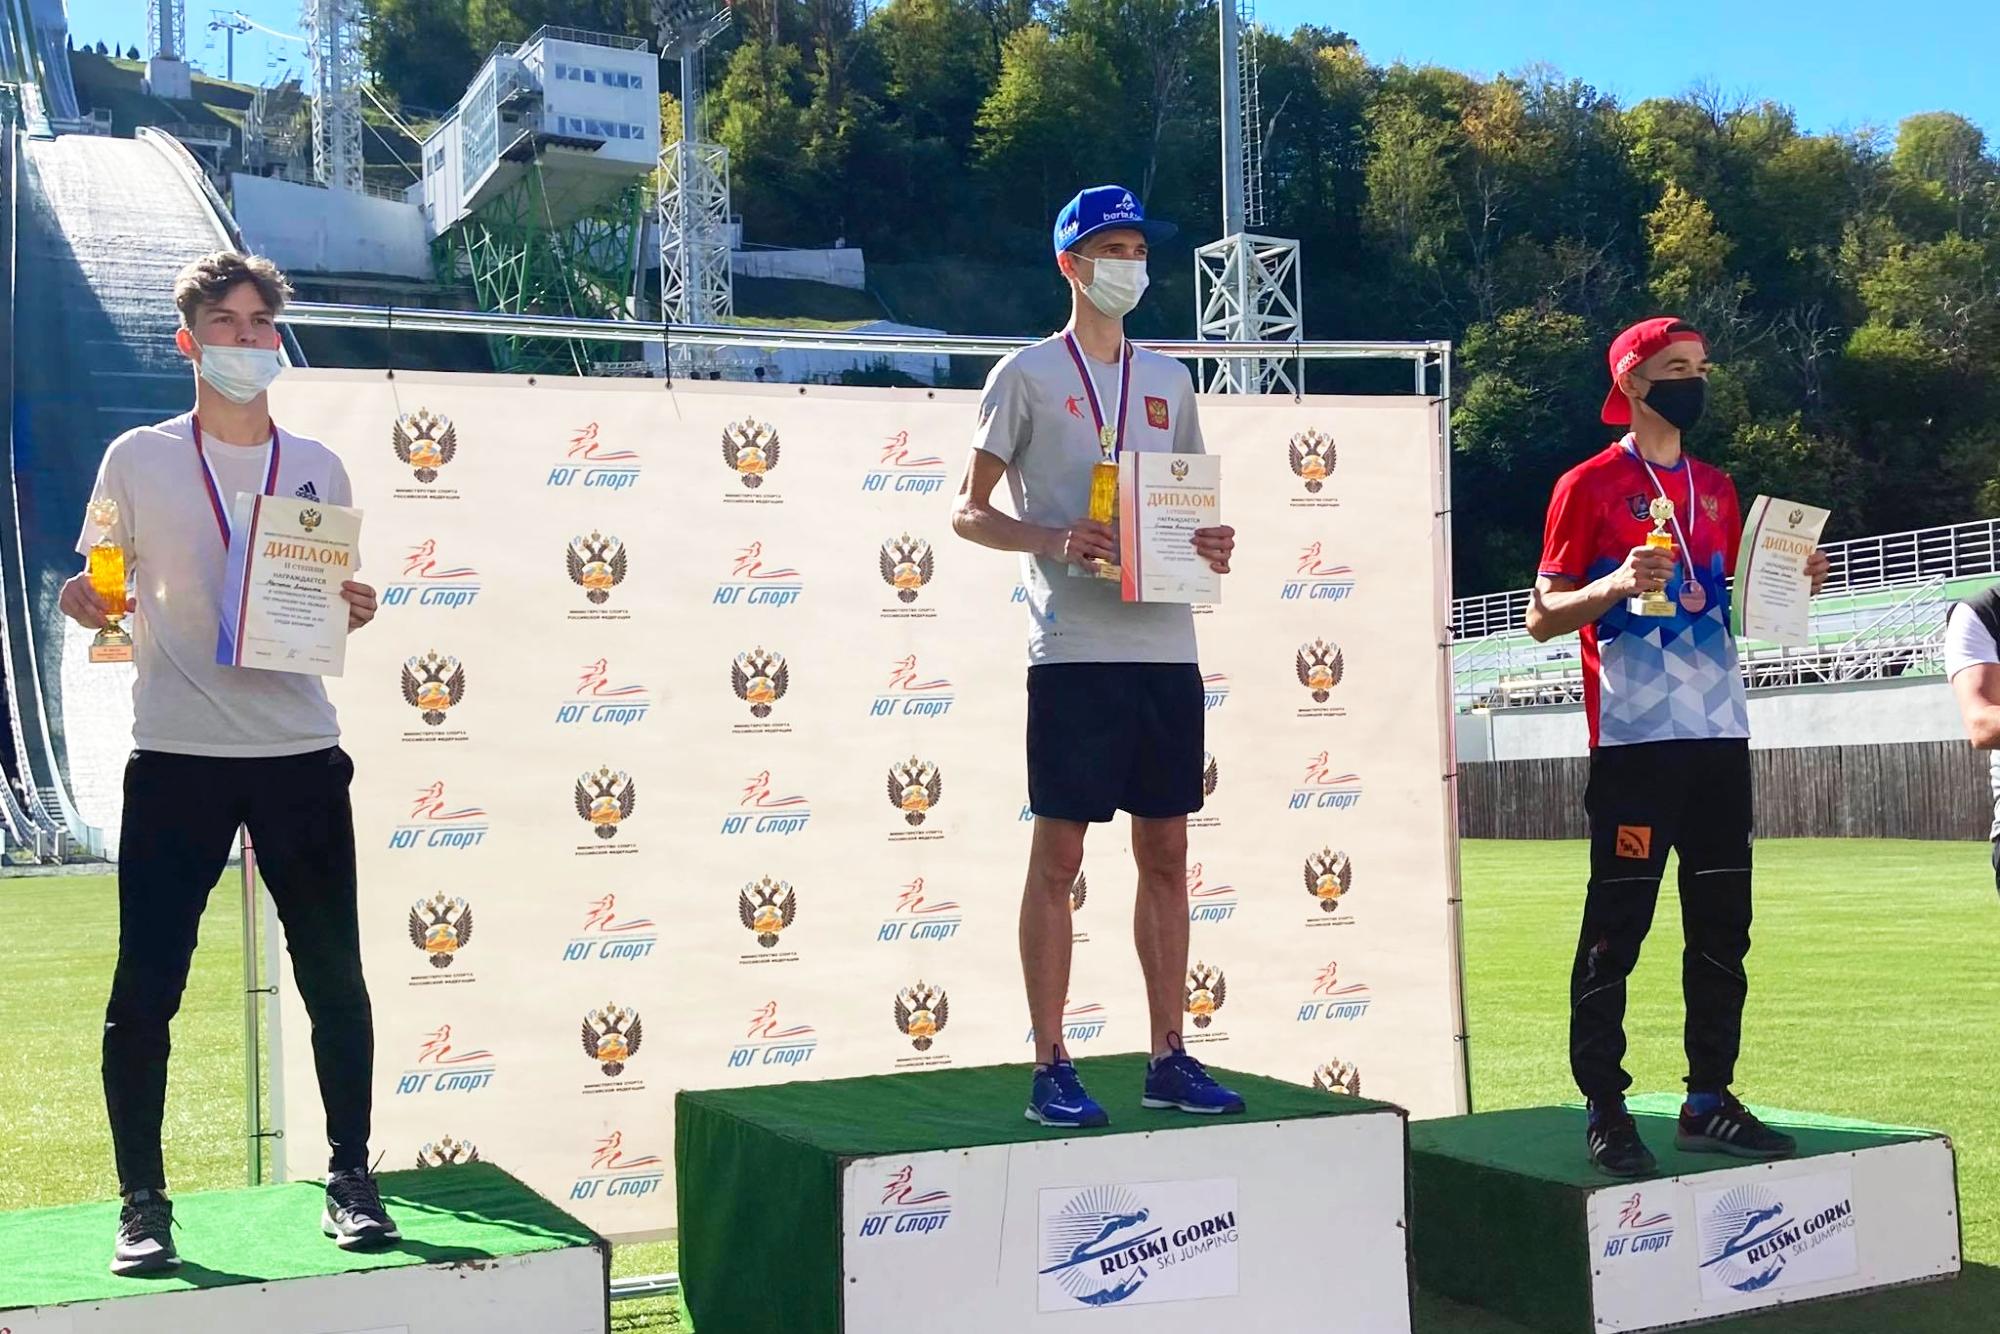 Bazhenov i Makhinia najlepsi z mistrzostwach Rosji w Krasnej Polanie